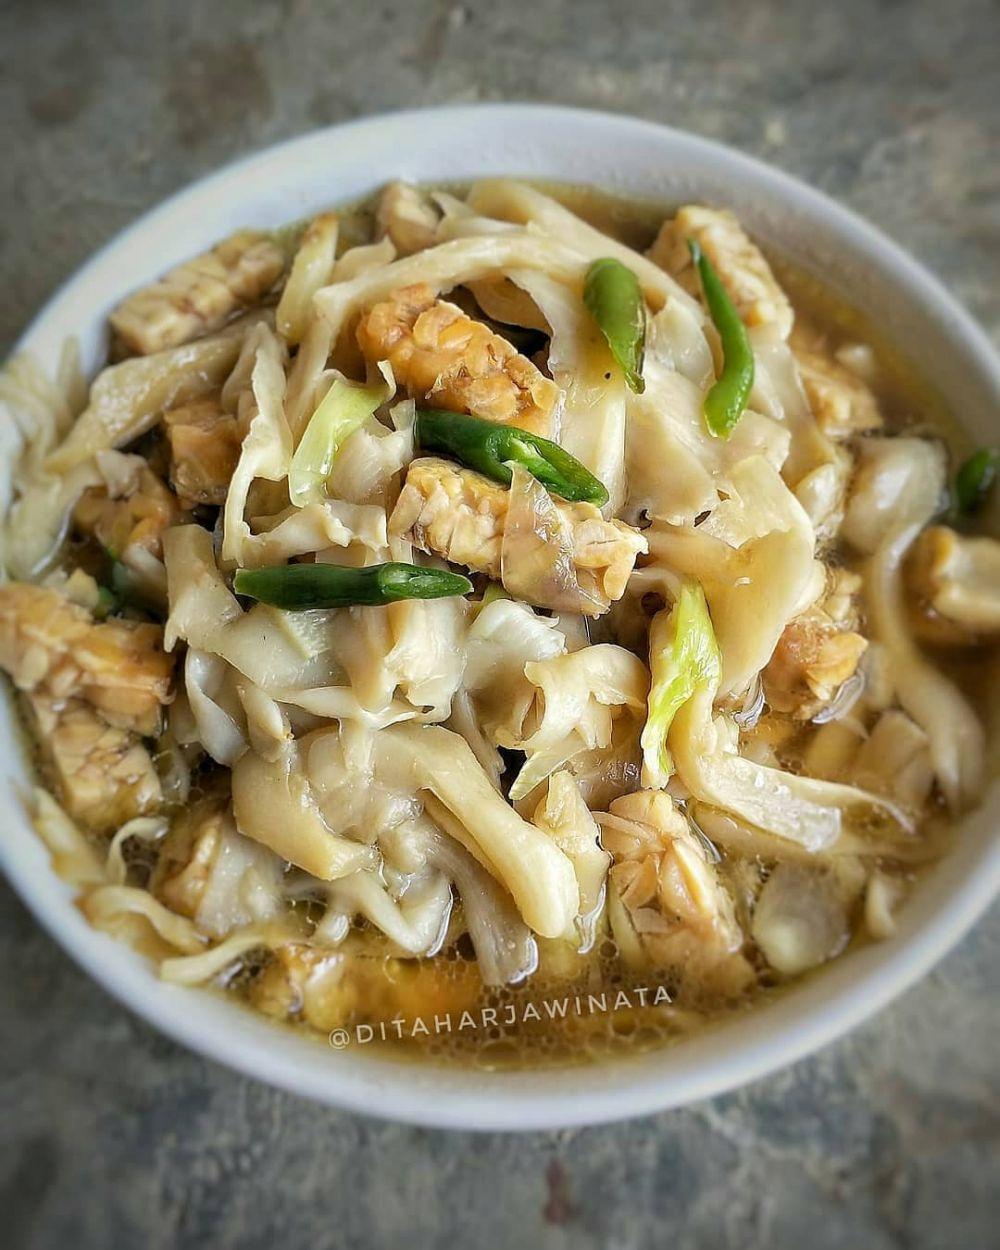 Resep Sahur C 2020 Brilio Net Di 2020 Resep Masakan Resep Masakan Asia Masakan